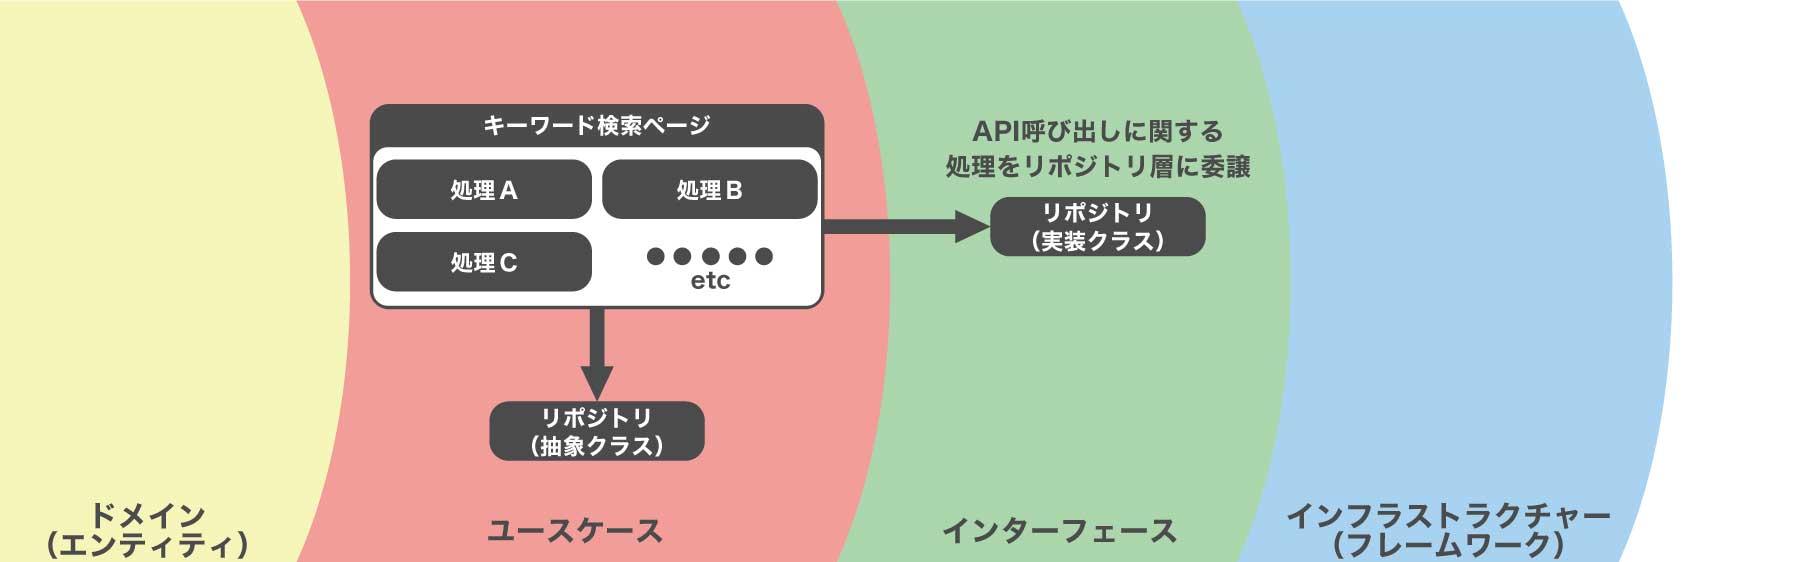 クリーンアーキテクチャ図版3